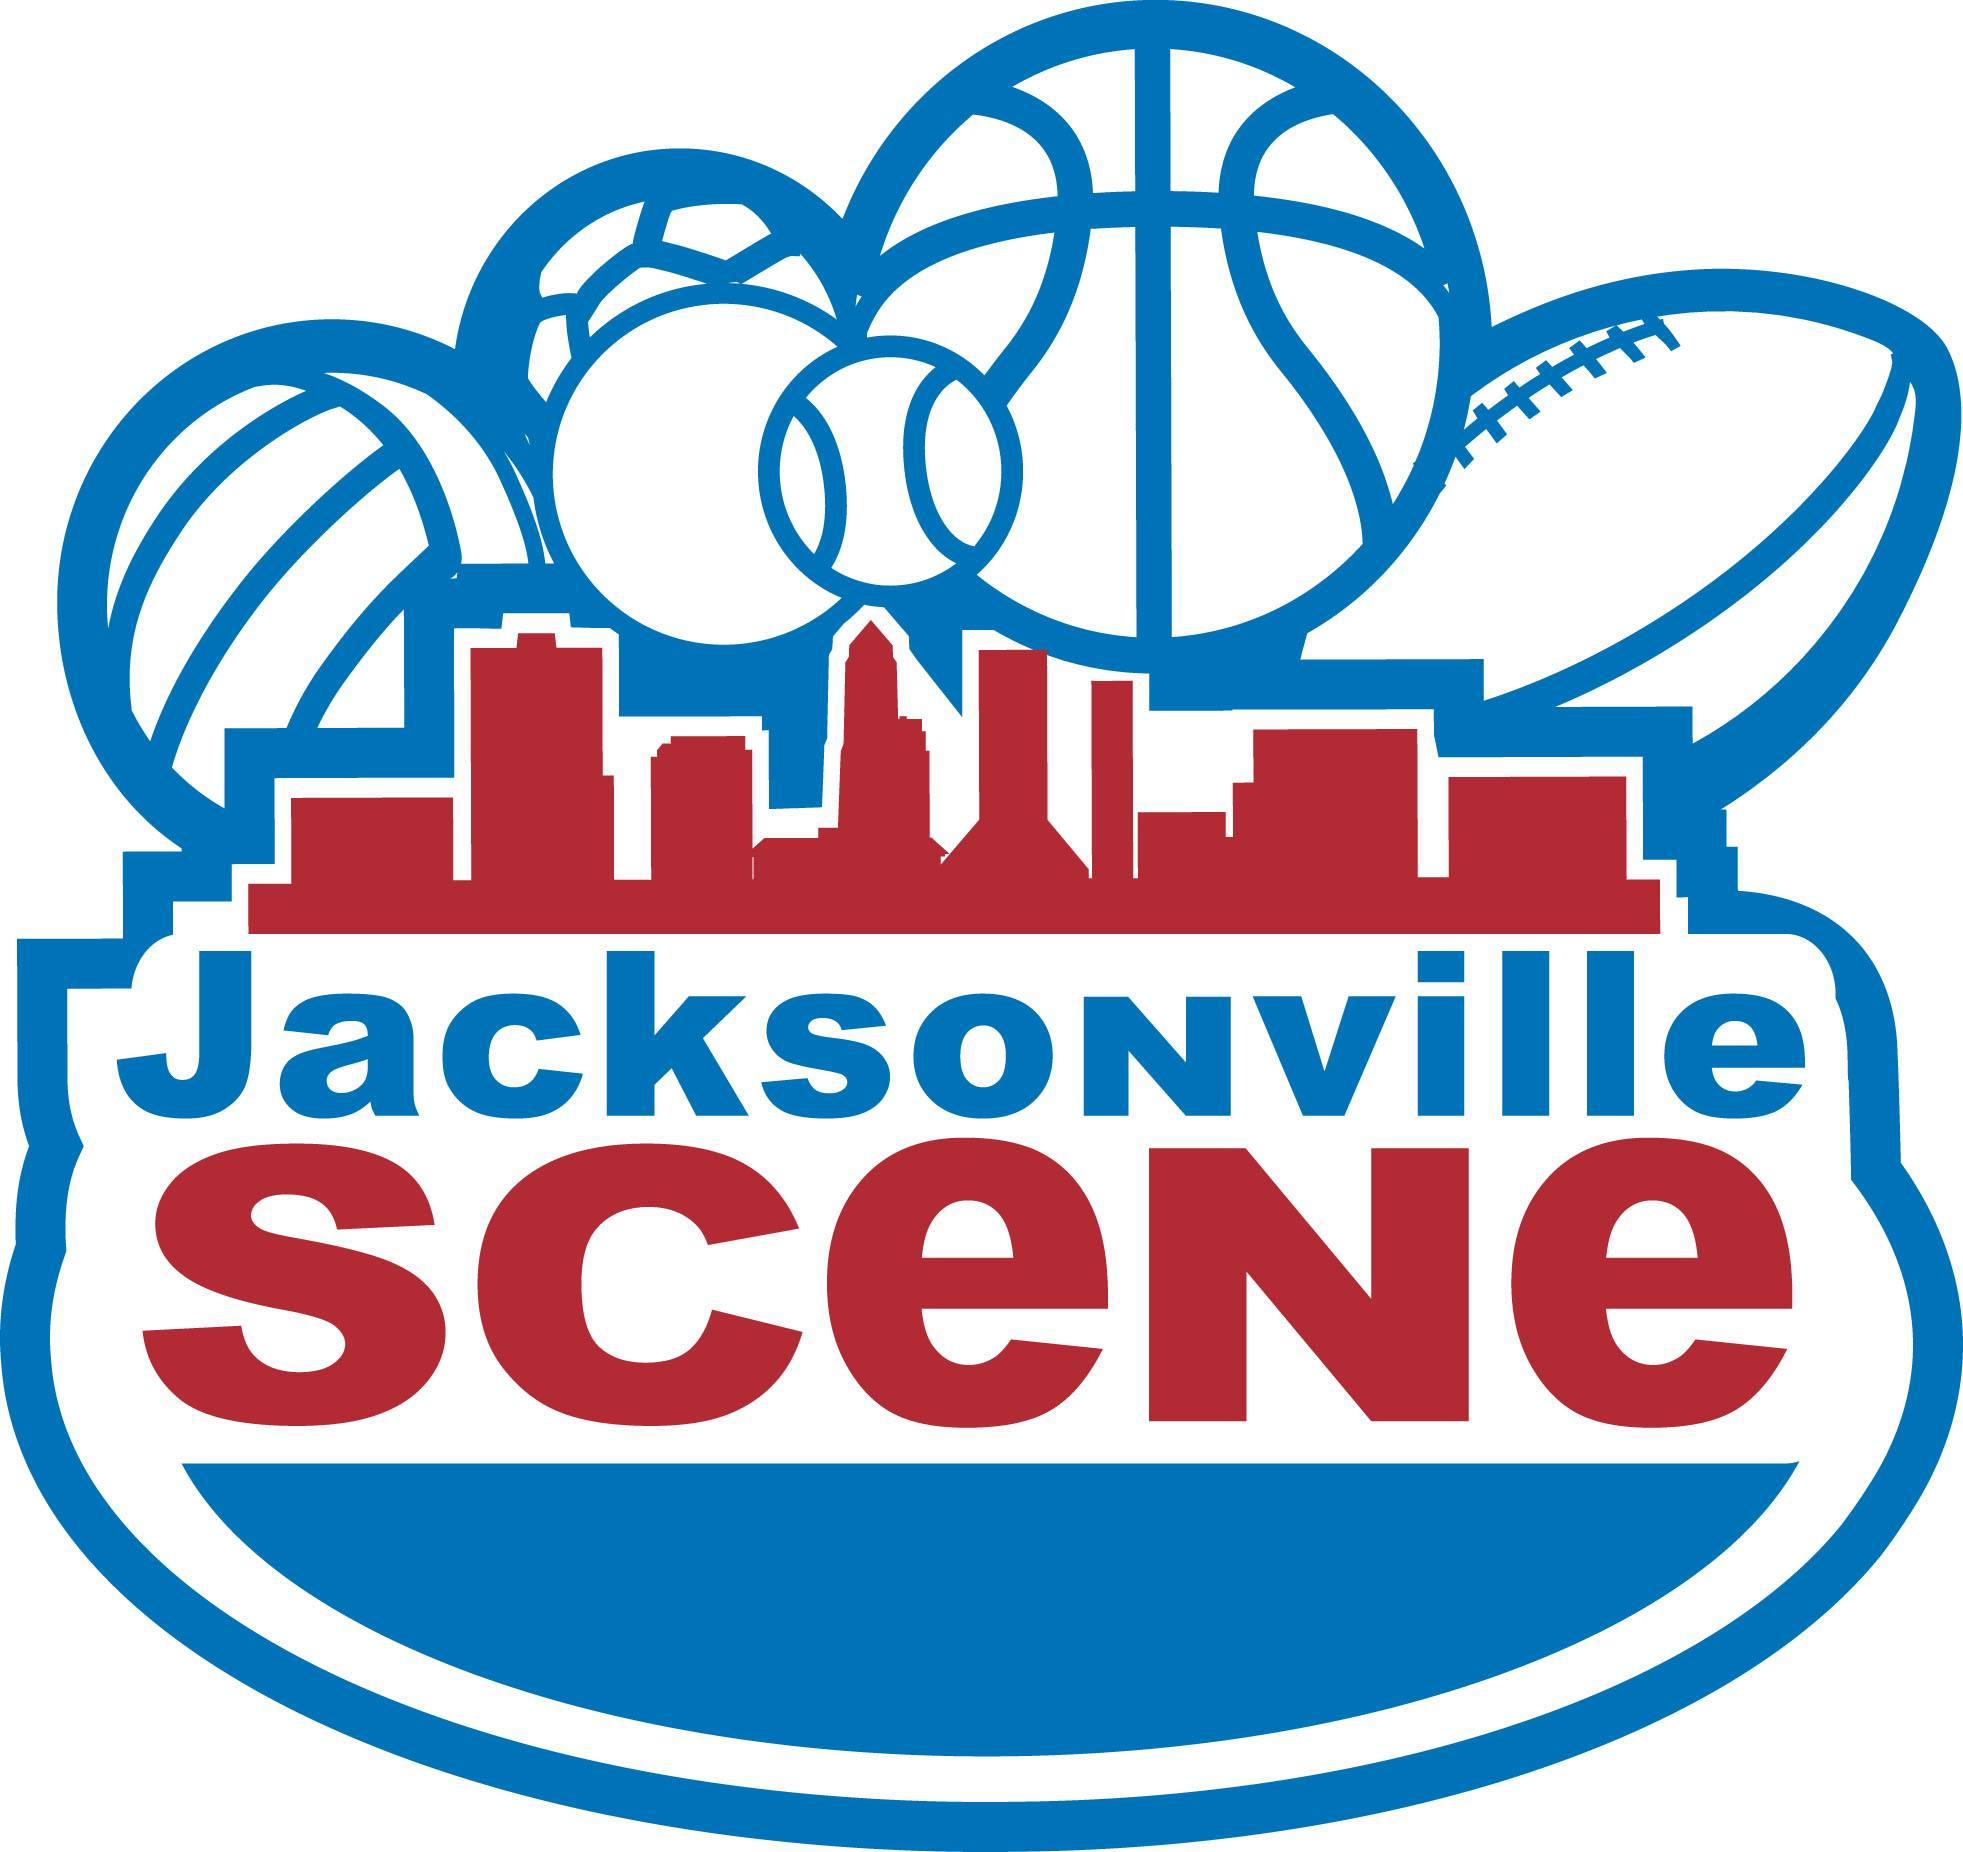 Jacksonville Scene beach volleyball